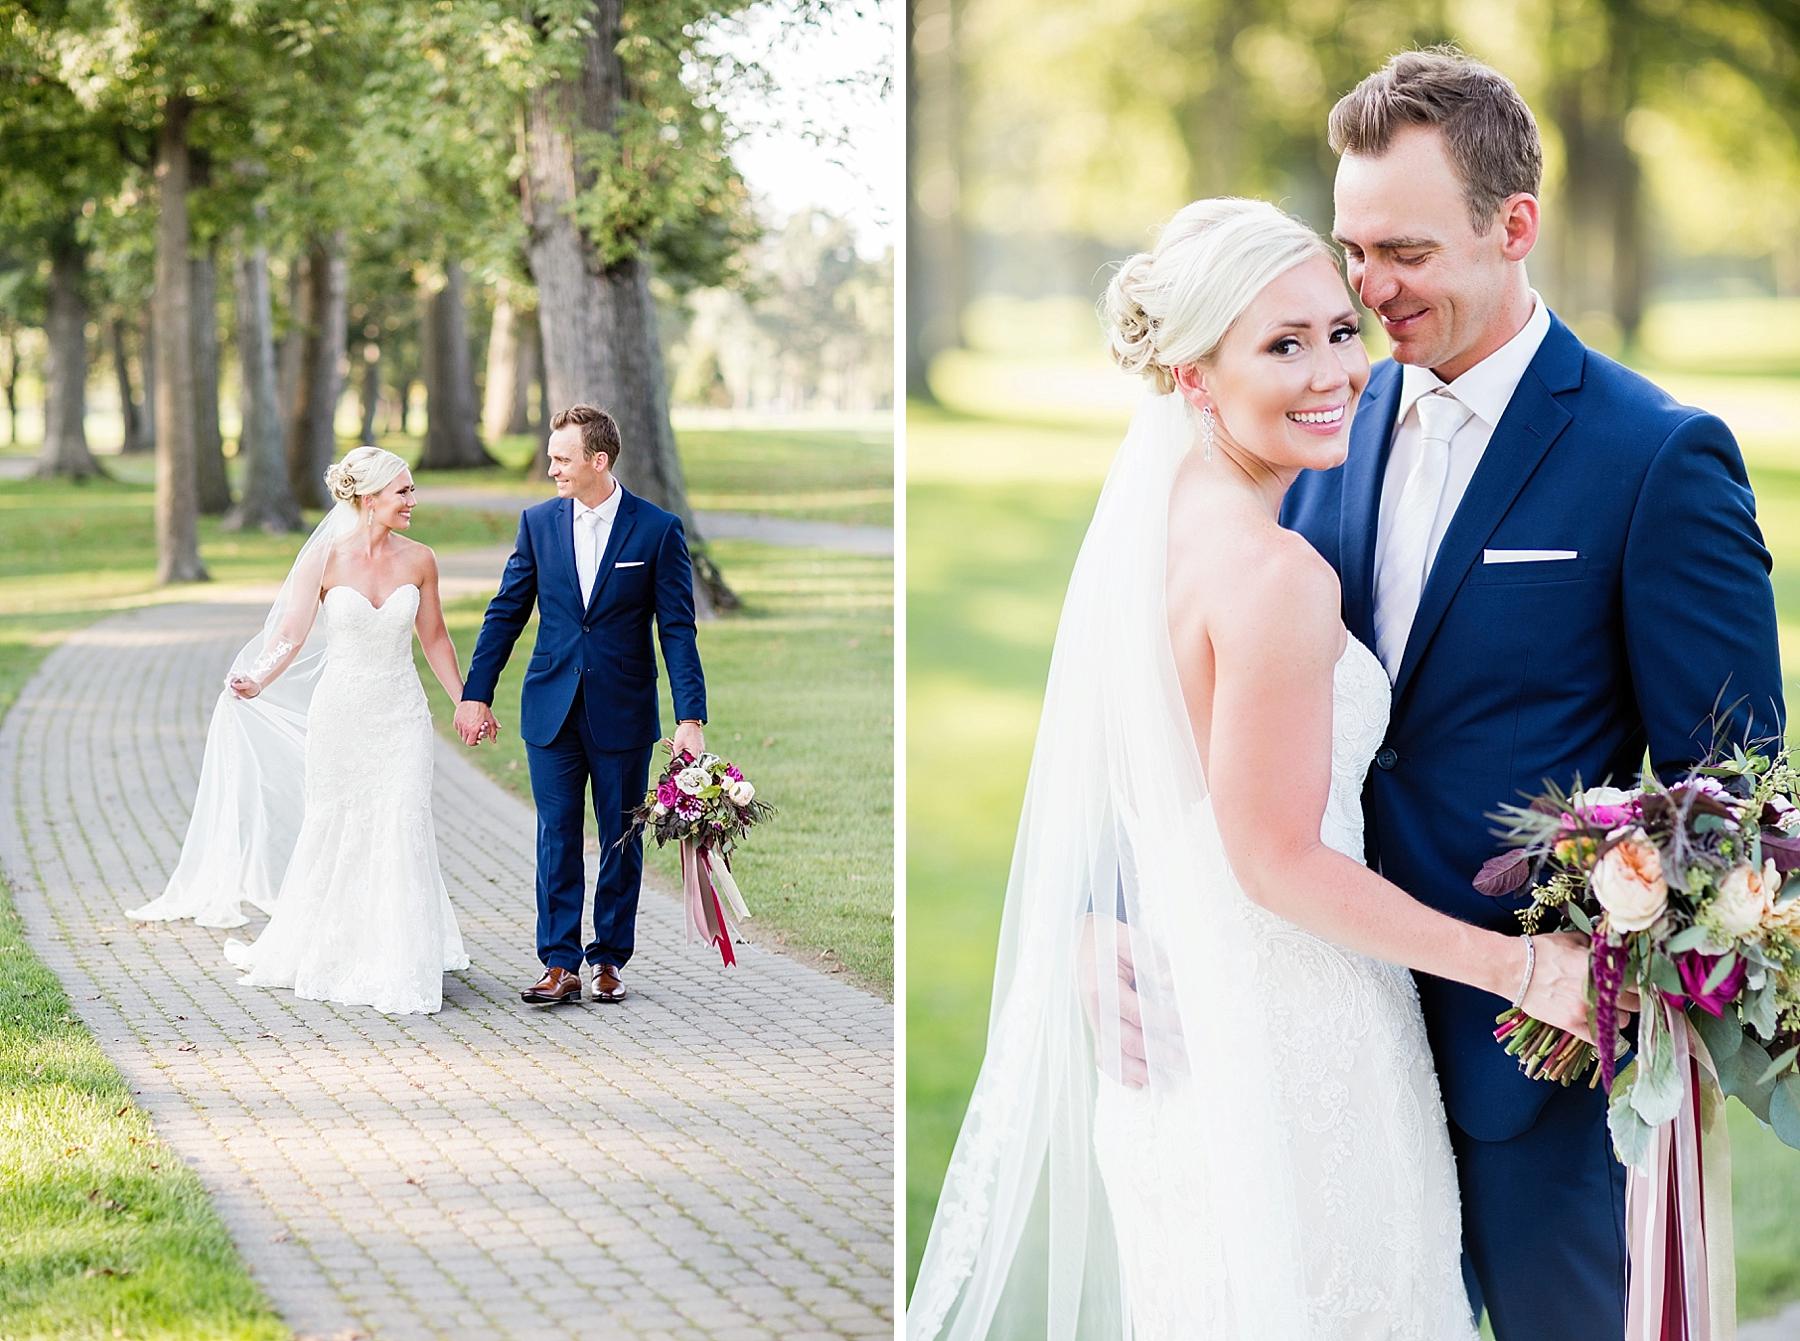 windsor-wedding-photographer-essex-golf-country-club-wedding-eryn-shea-photography_0050.jpg